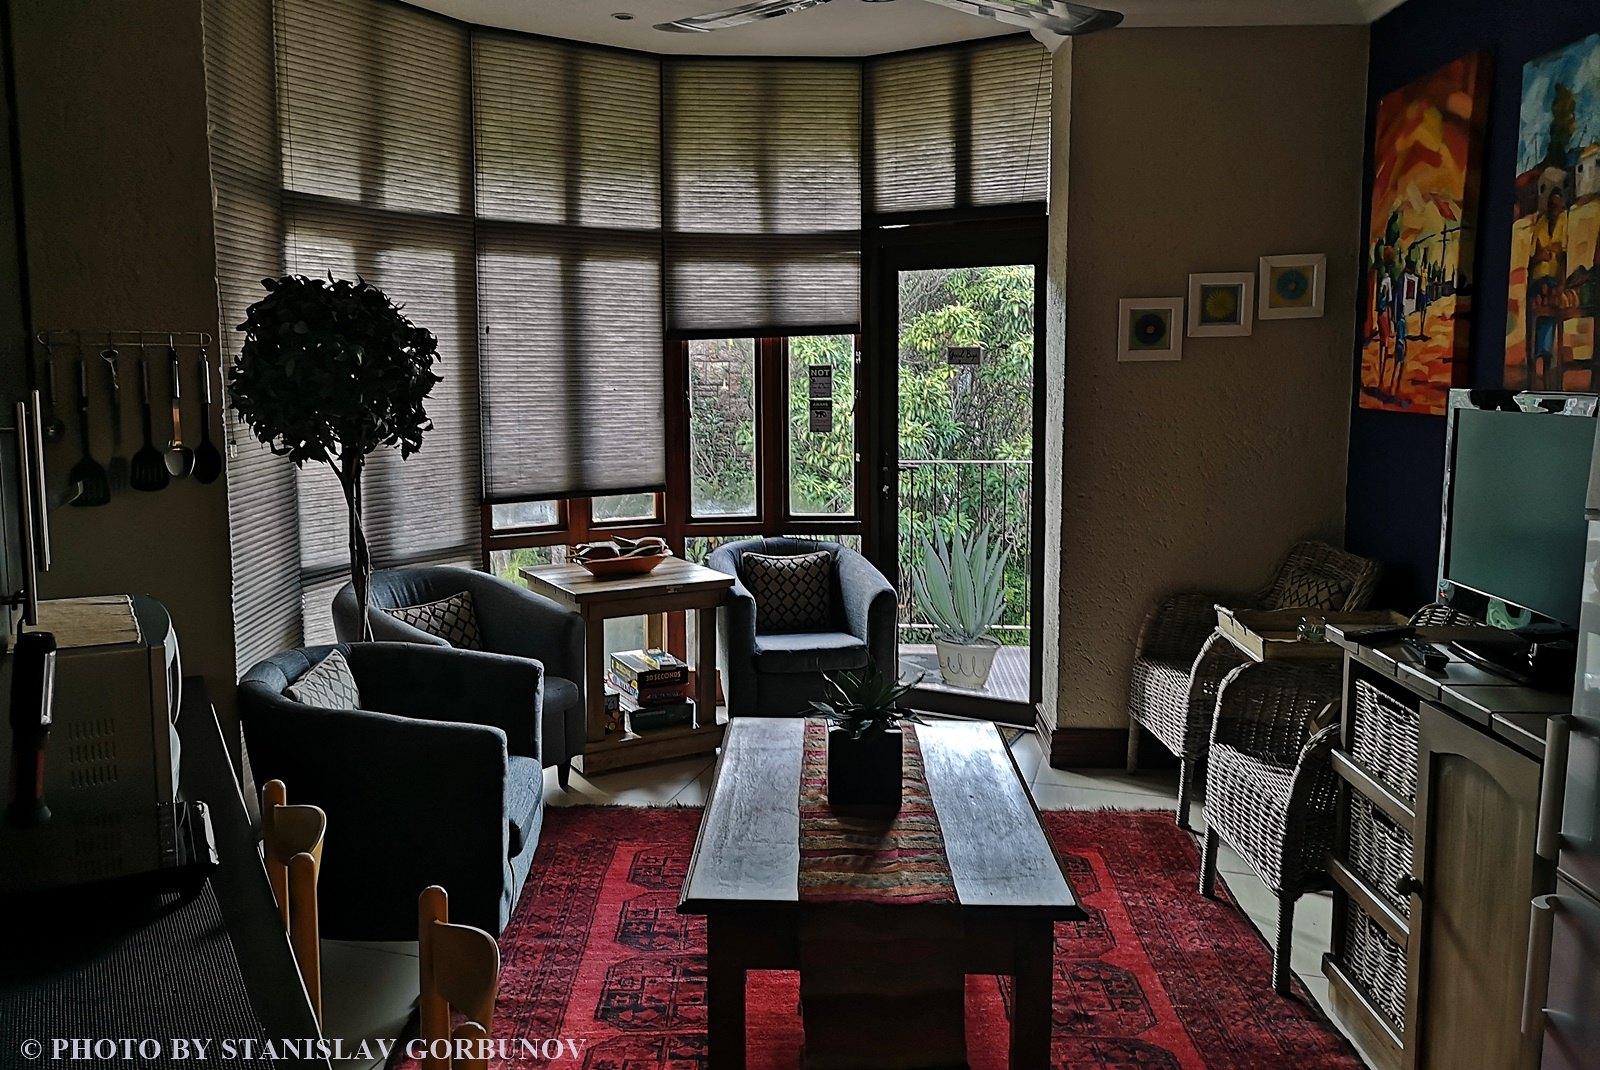 Великолепная девятка гостиниц ЮАР. Это стоит хотя бы один раз увидеть лично! oteli04